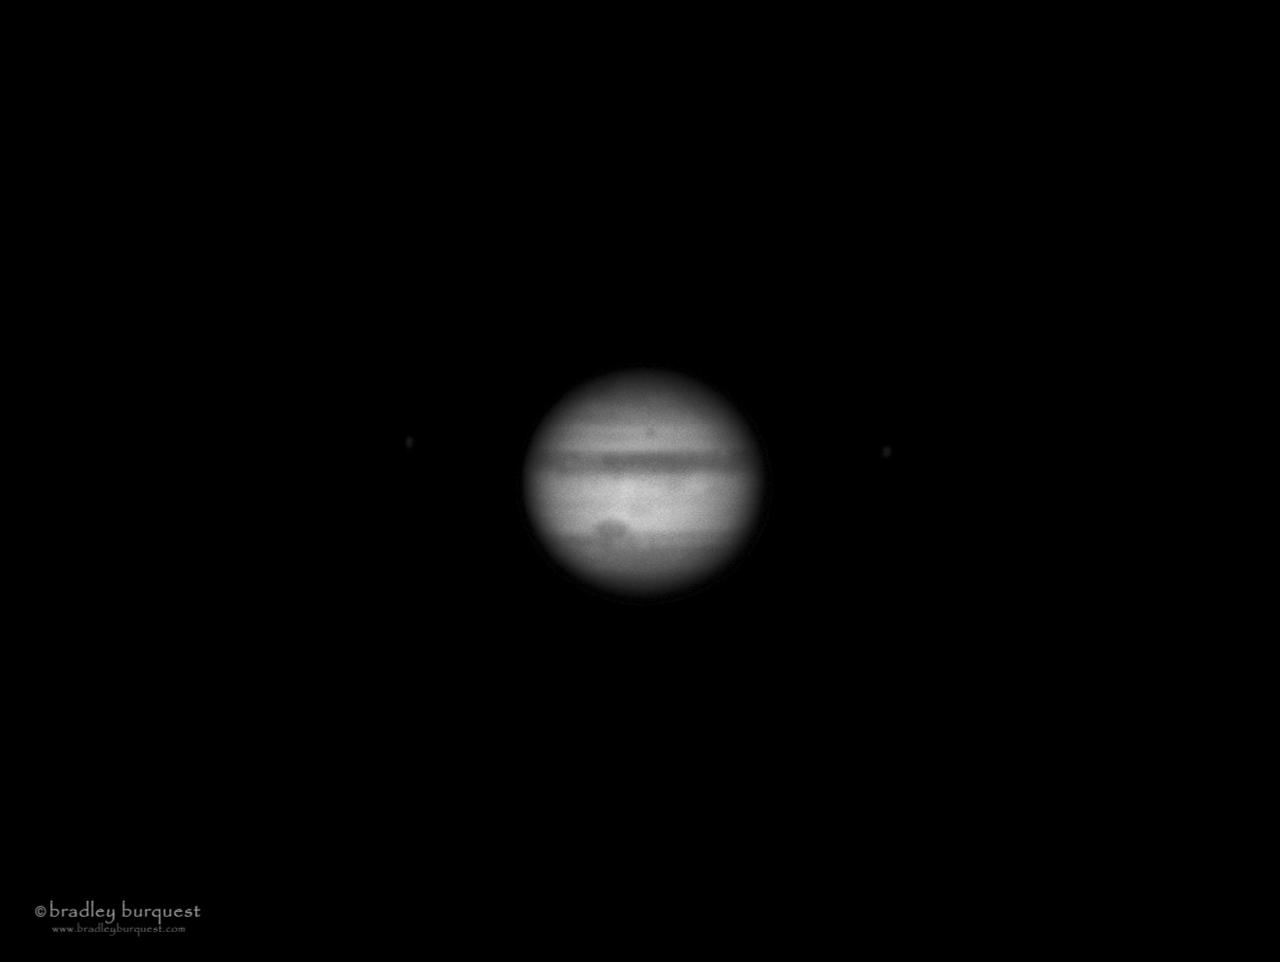 Jupiter in black and white